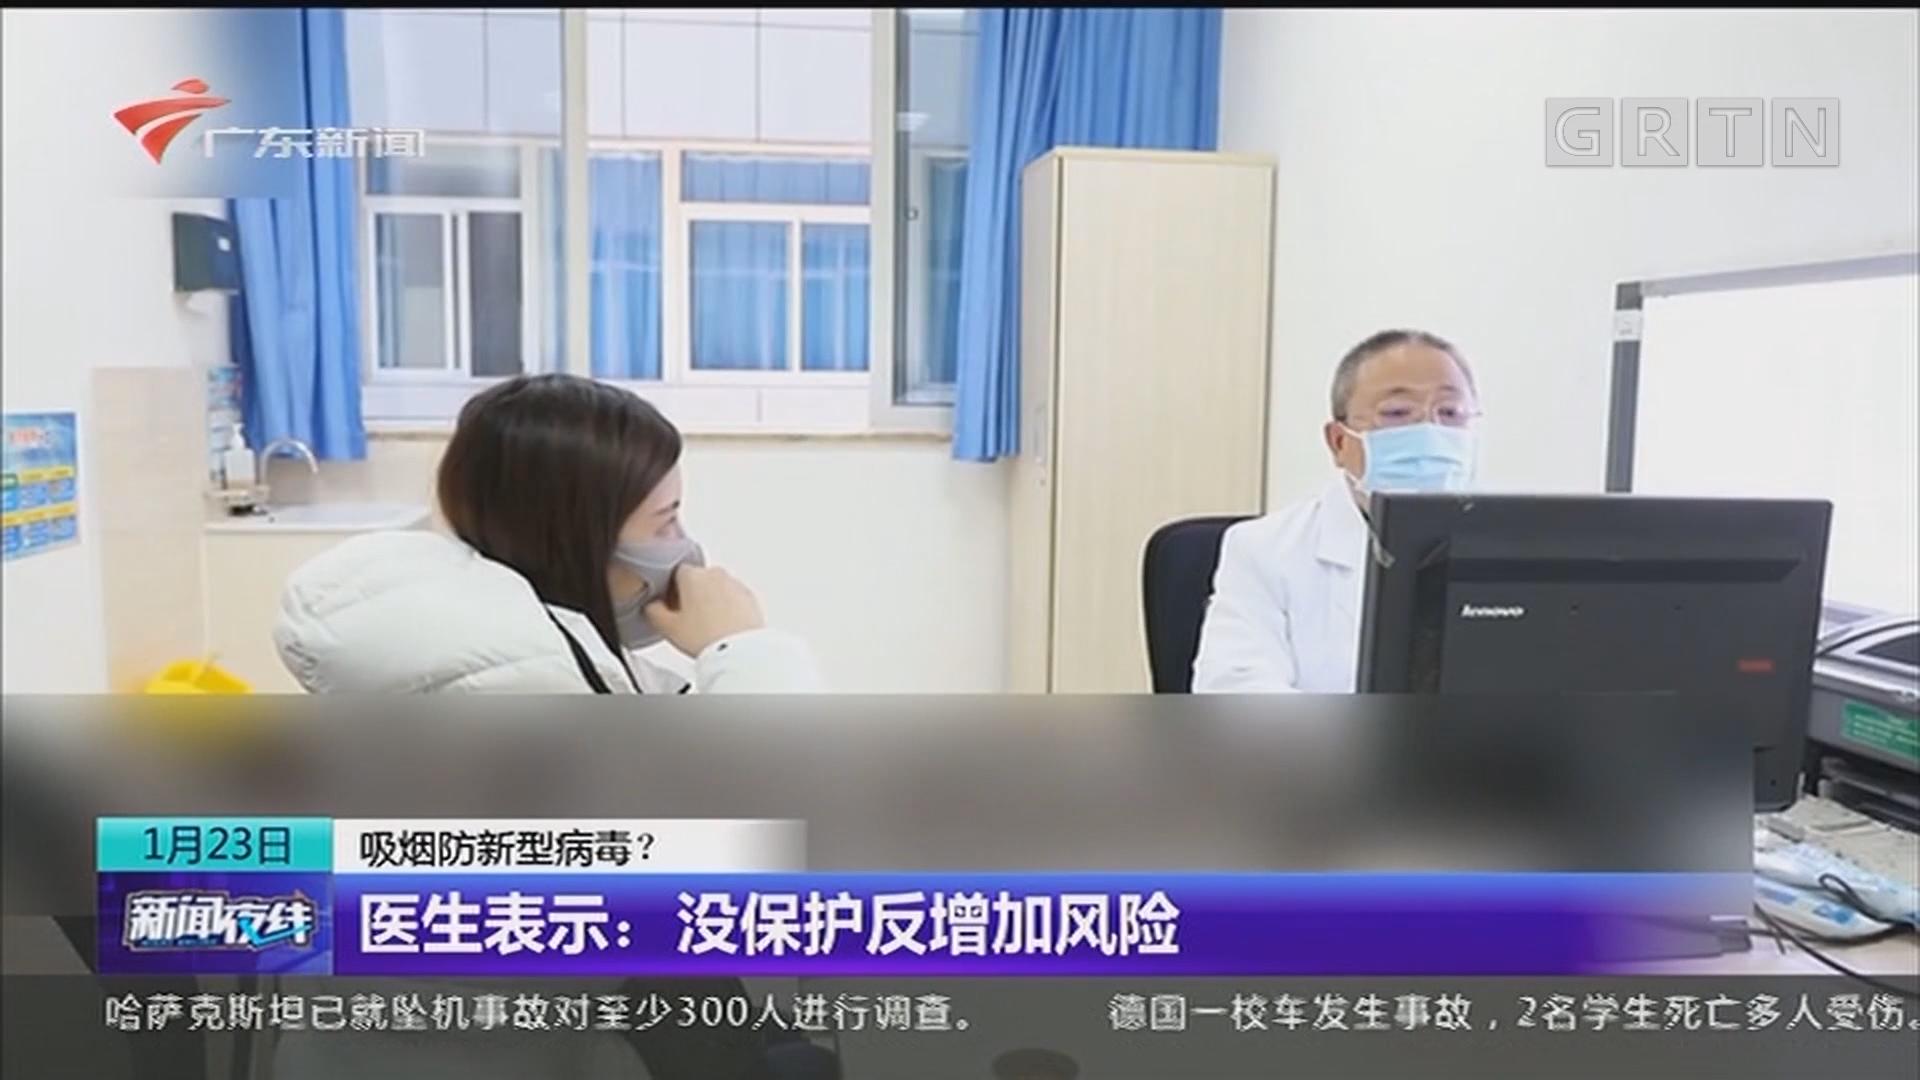 吸烟防新型病毒? 医生表示:没保护反增加风险